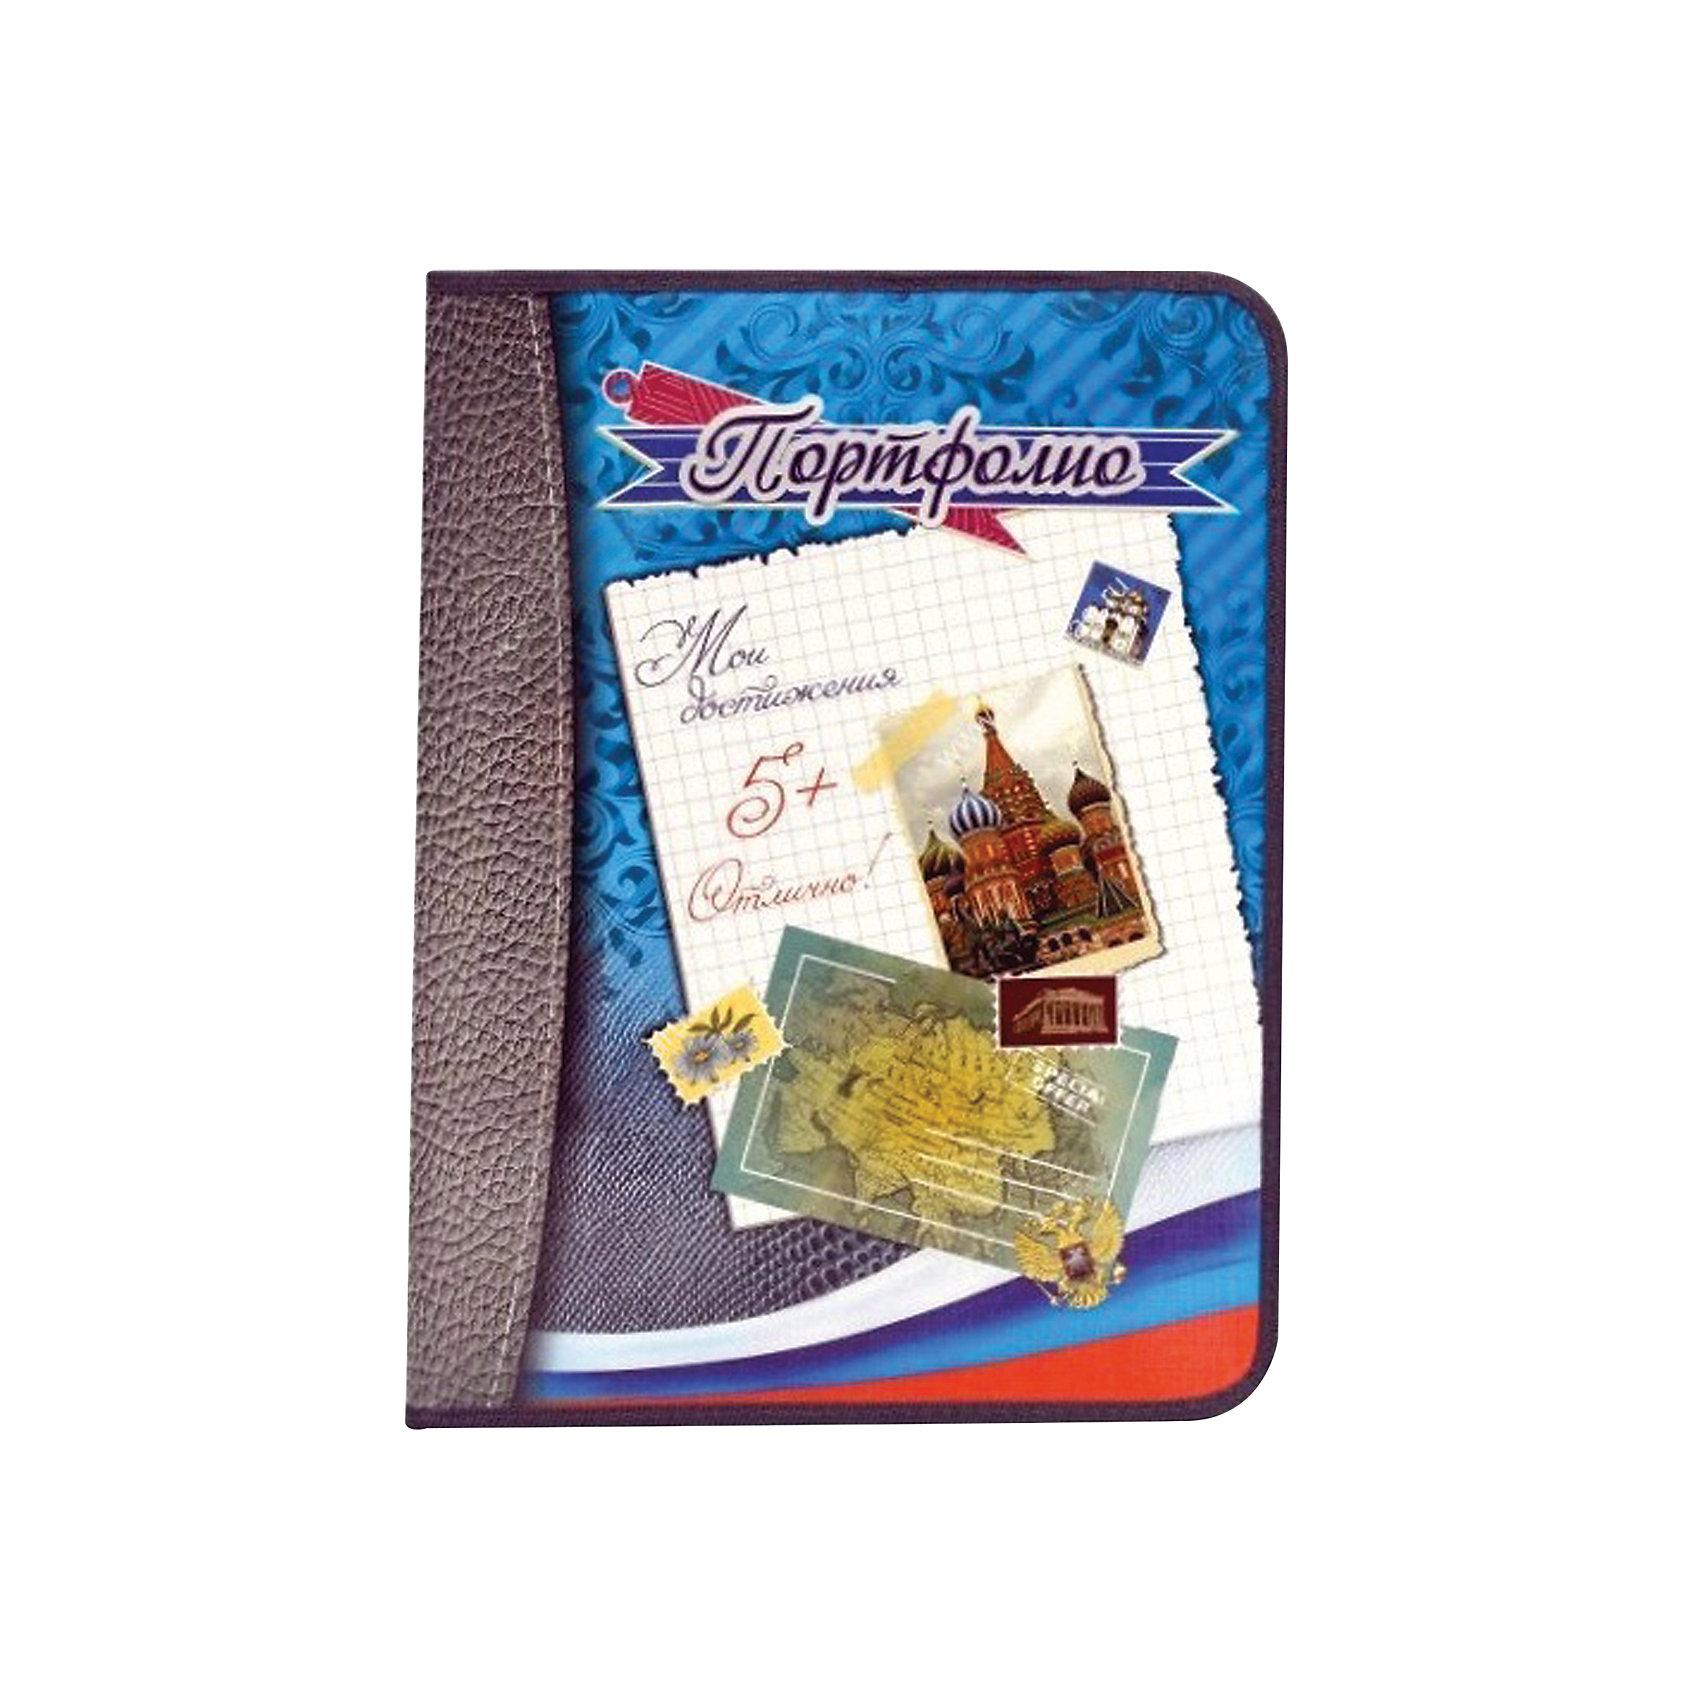 Портфолио школьника, А4, 8 л., синяяШкольные аксессуары<br>Незаменимый спутник в жизни любого ученика. Портфолио позволяет учитывать результаты, достигнутые в разнообразных видах деятельности: учебной, творческой, социальной.<br><br>Дополнительная информация:<br><br>- Цвет: синий.<br>- Материал папки - ламинированный картон.<br>- Внутренний блок - 8 листов А4.<br>- Ширина корешка - 25 мм.<br>- Вмещает до 100 листов.<br>- Размер упаковки: 33,4х2,5х25,6 см.<br>- Вес в упаковке: 490 г. <br><br>Портфолио школьника в синем цвете  можно  купить в нашем магазине.<br><br>Ширина мм: 334<br>Глубина мм: 25<br>Высота мм: 256<br>Вес г: 490<br>Возраст от месяцев: 72<br>Возраст до месяцев: 2147483647<br>Пол: Унисекс<br>Возраст: Детский<br>SKU: 4792735